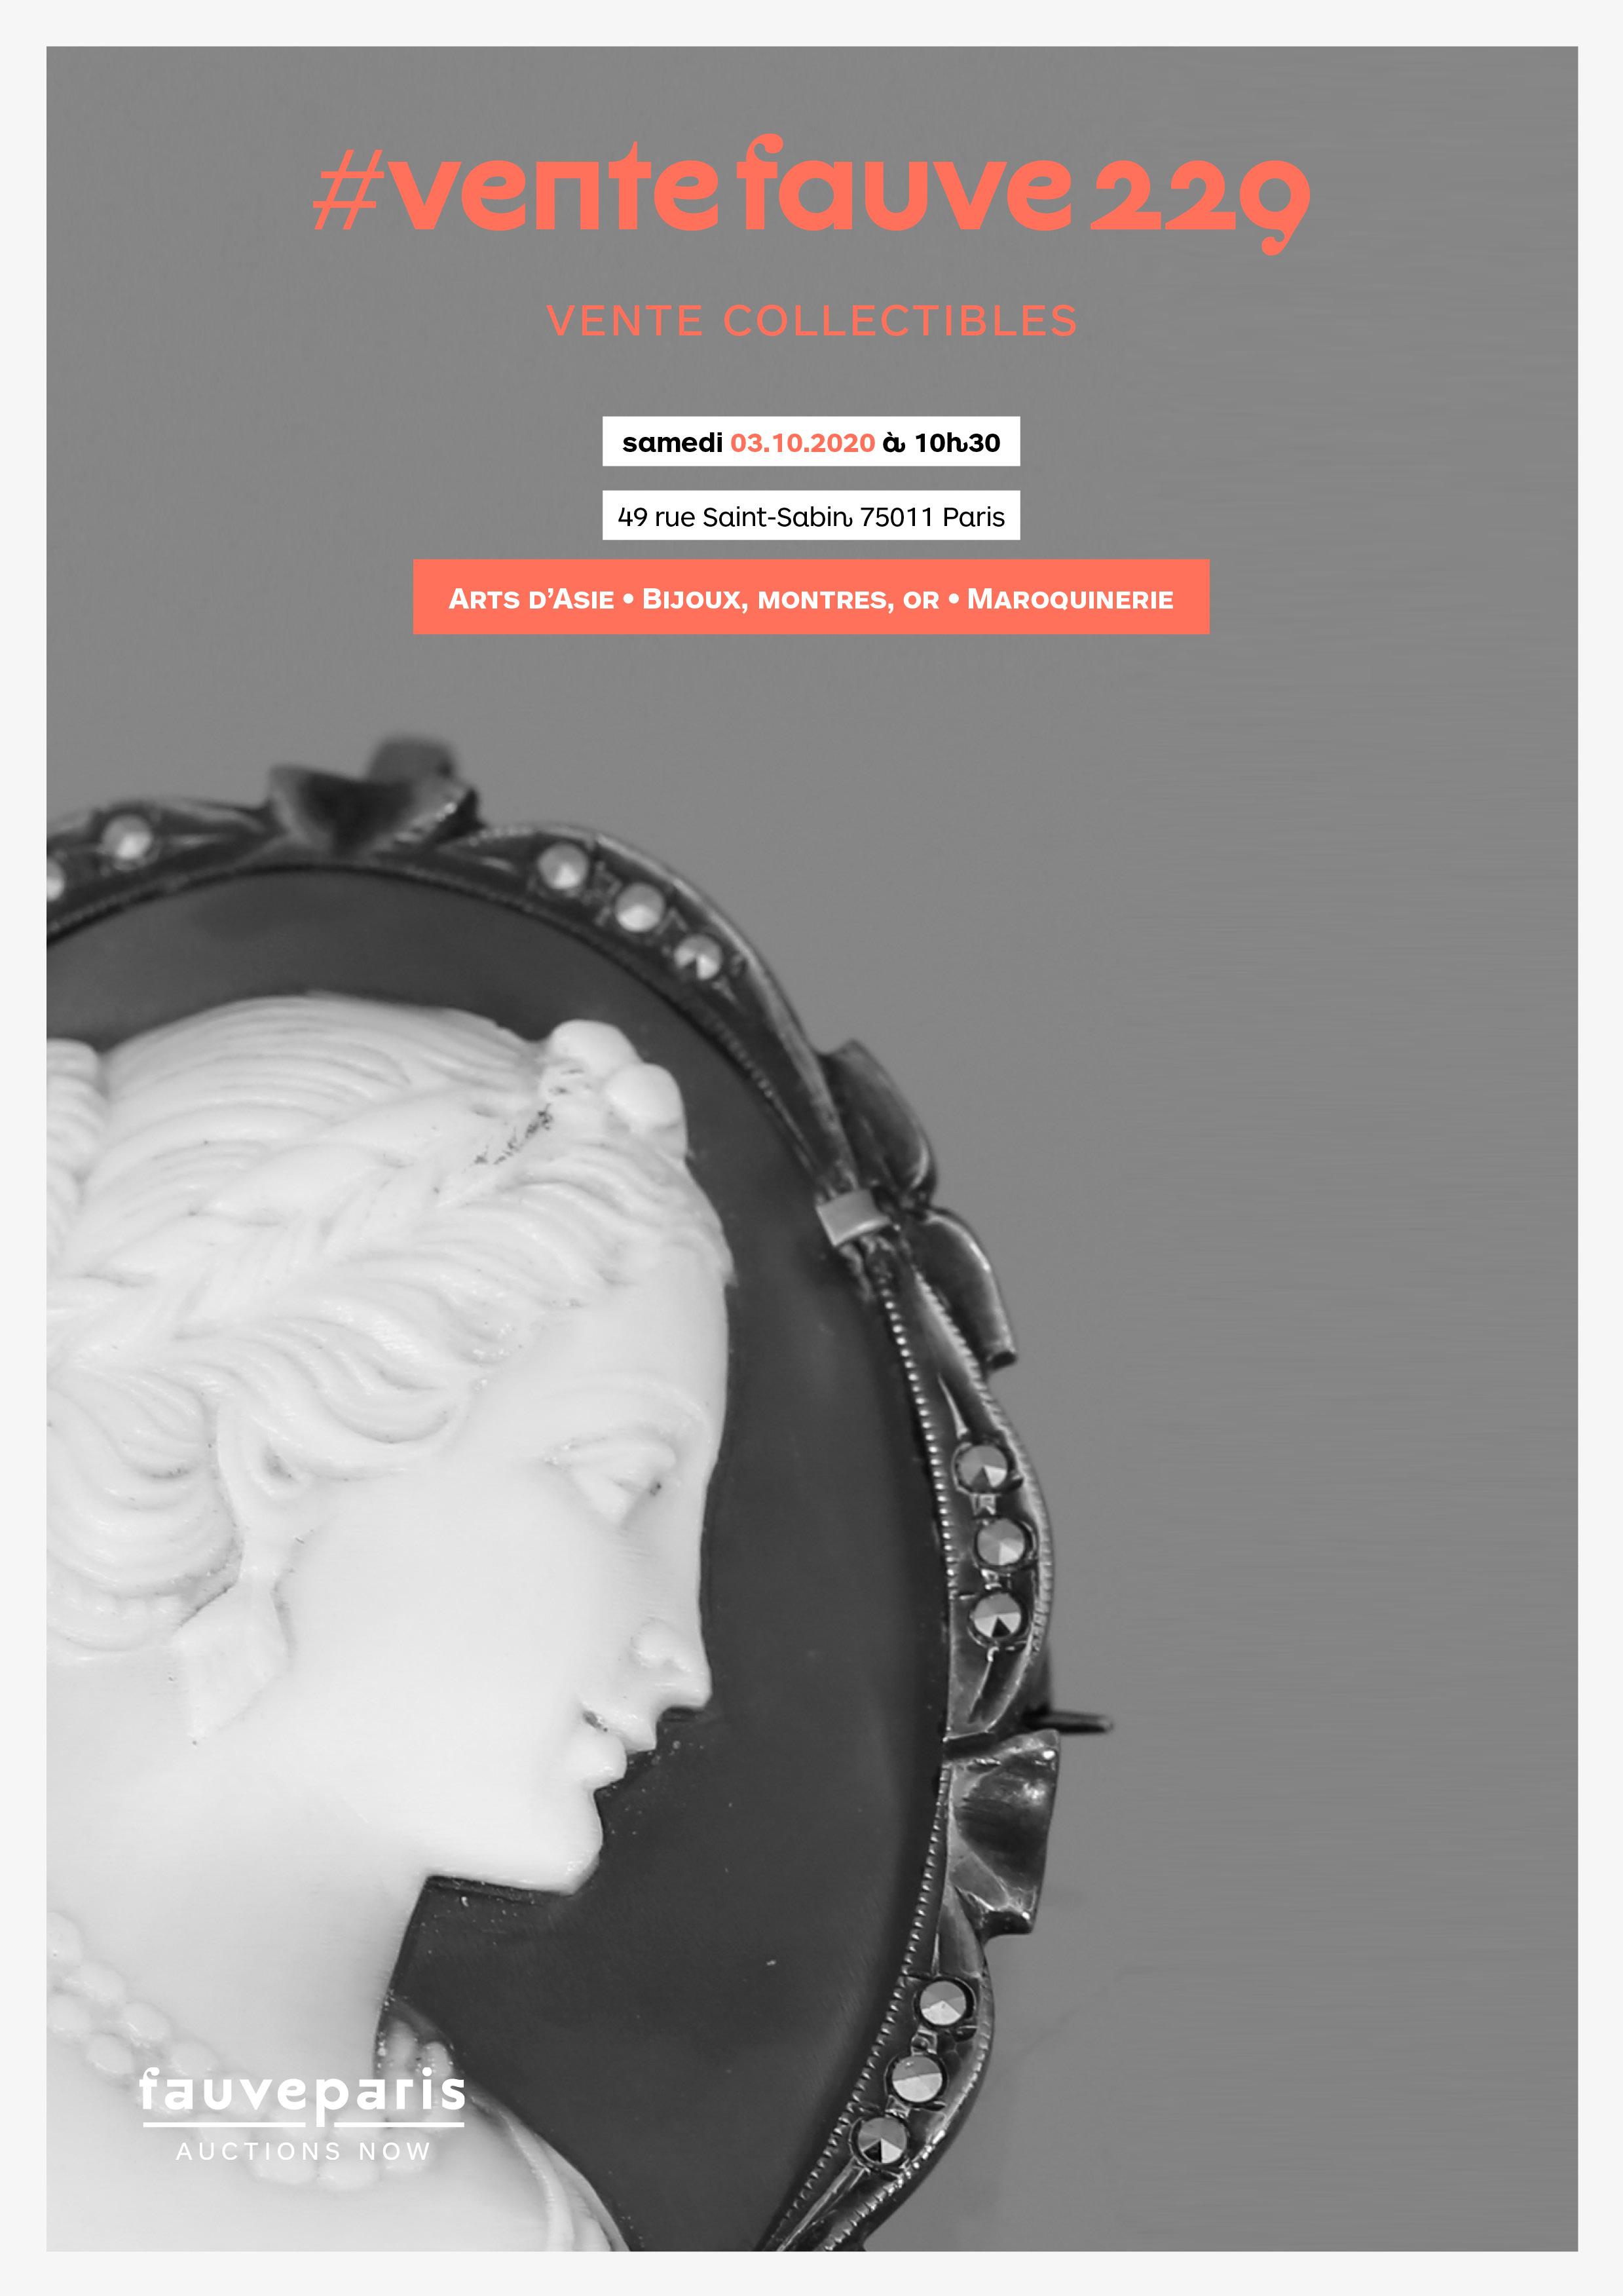 Vente #Ventefauve229 : Arts d'Asie • Bijoux, Montres, Or • Maroquinerie chez FauveParis : 57 lots